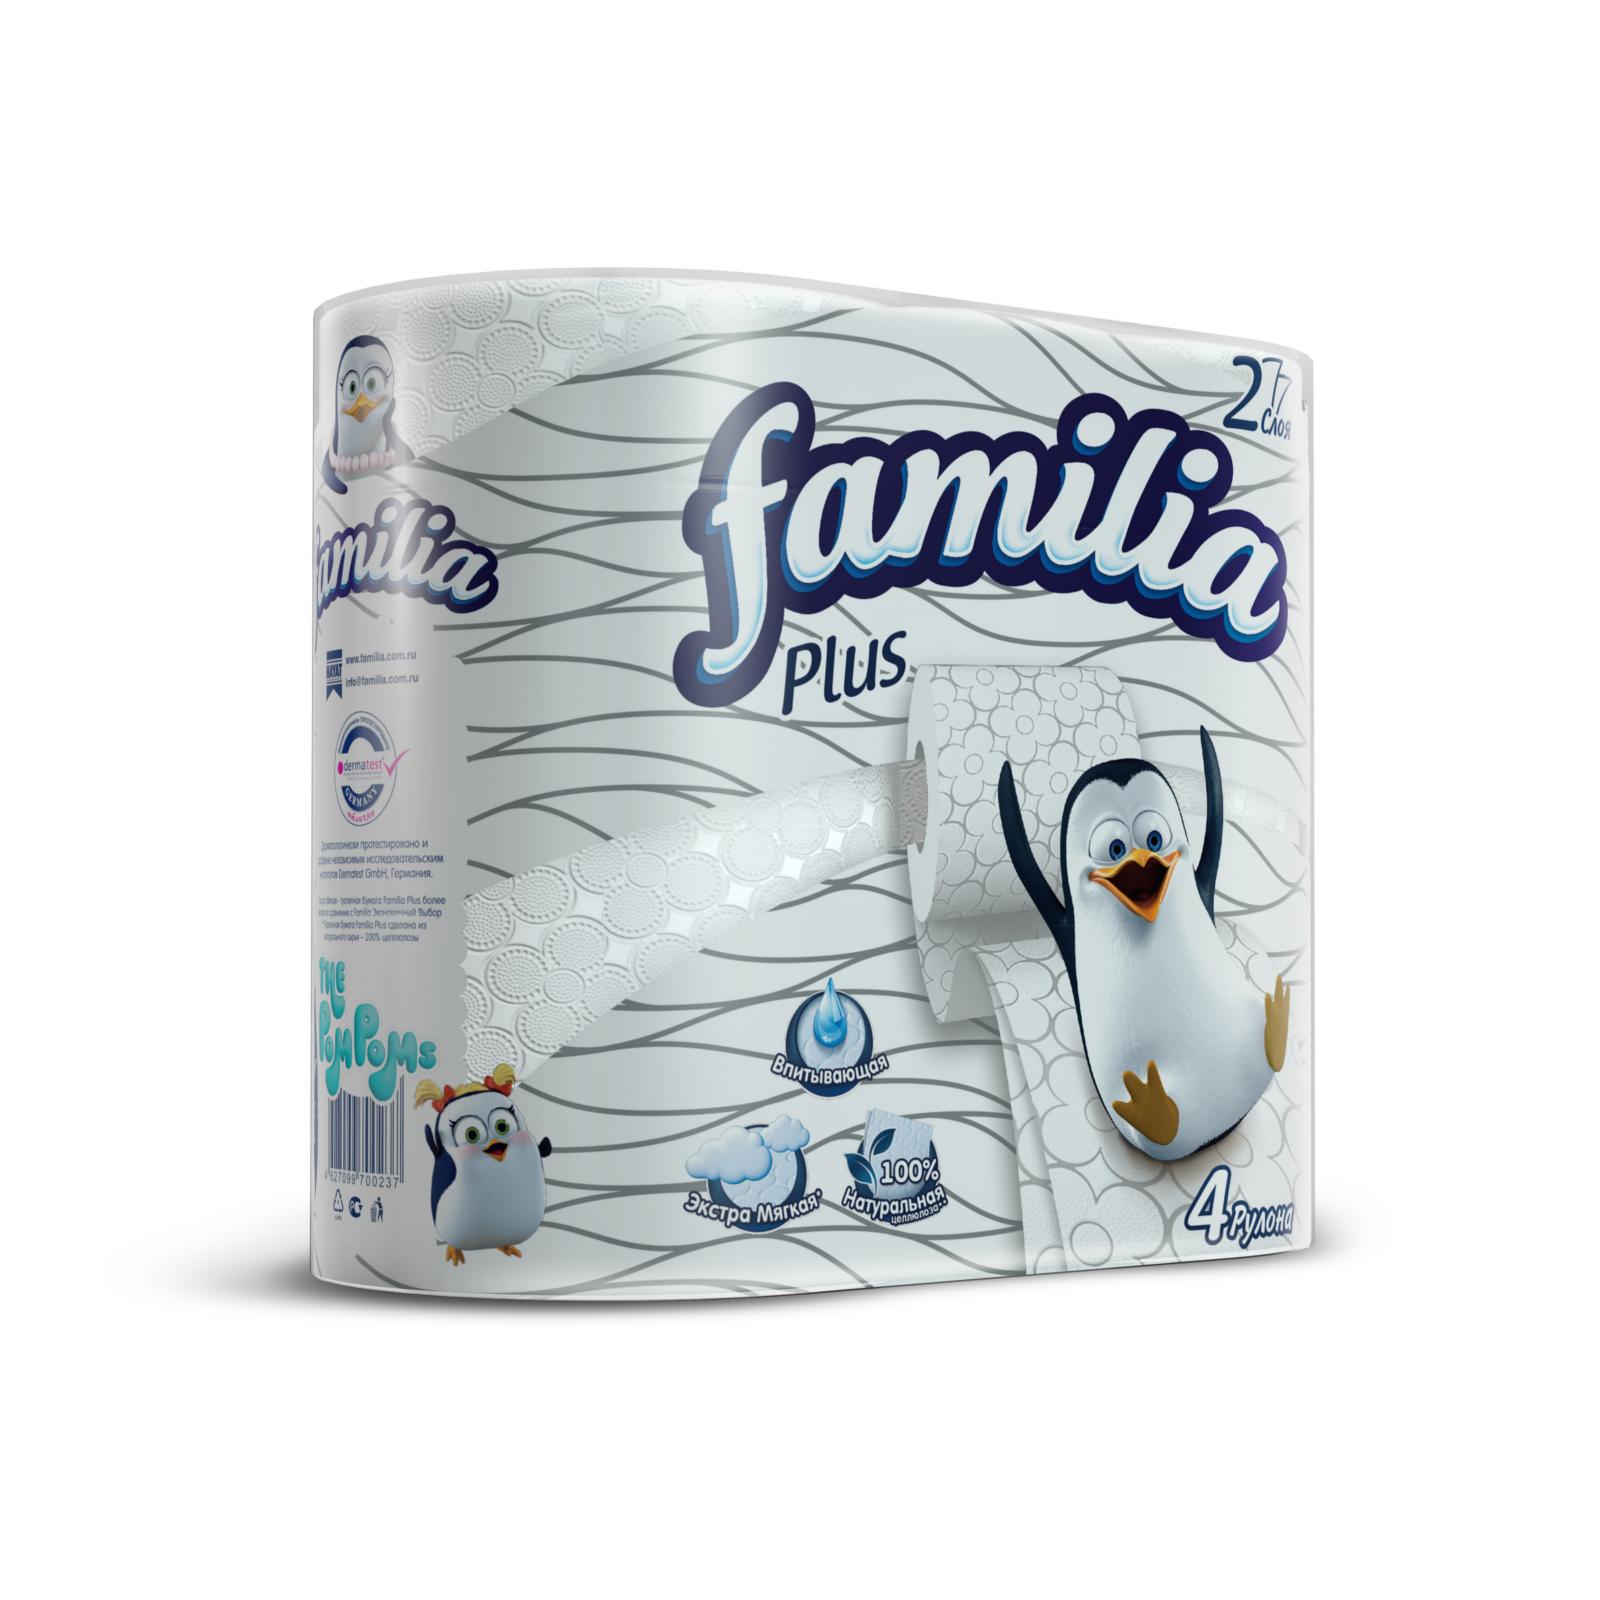 ��������� ������ Familia Plus ����� (2 ����) 4 ��